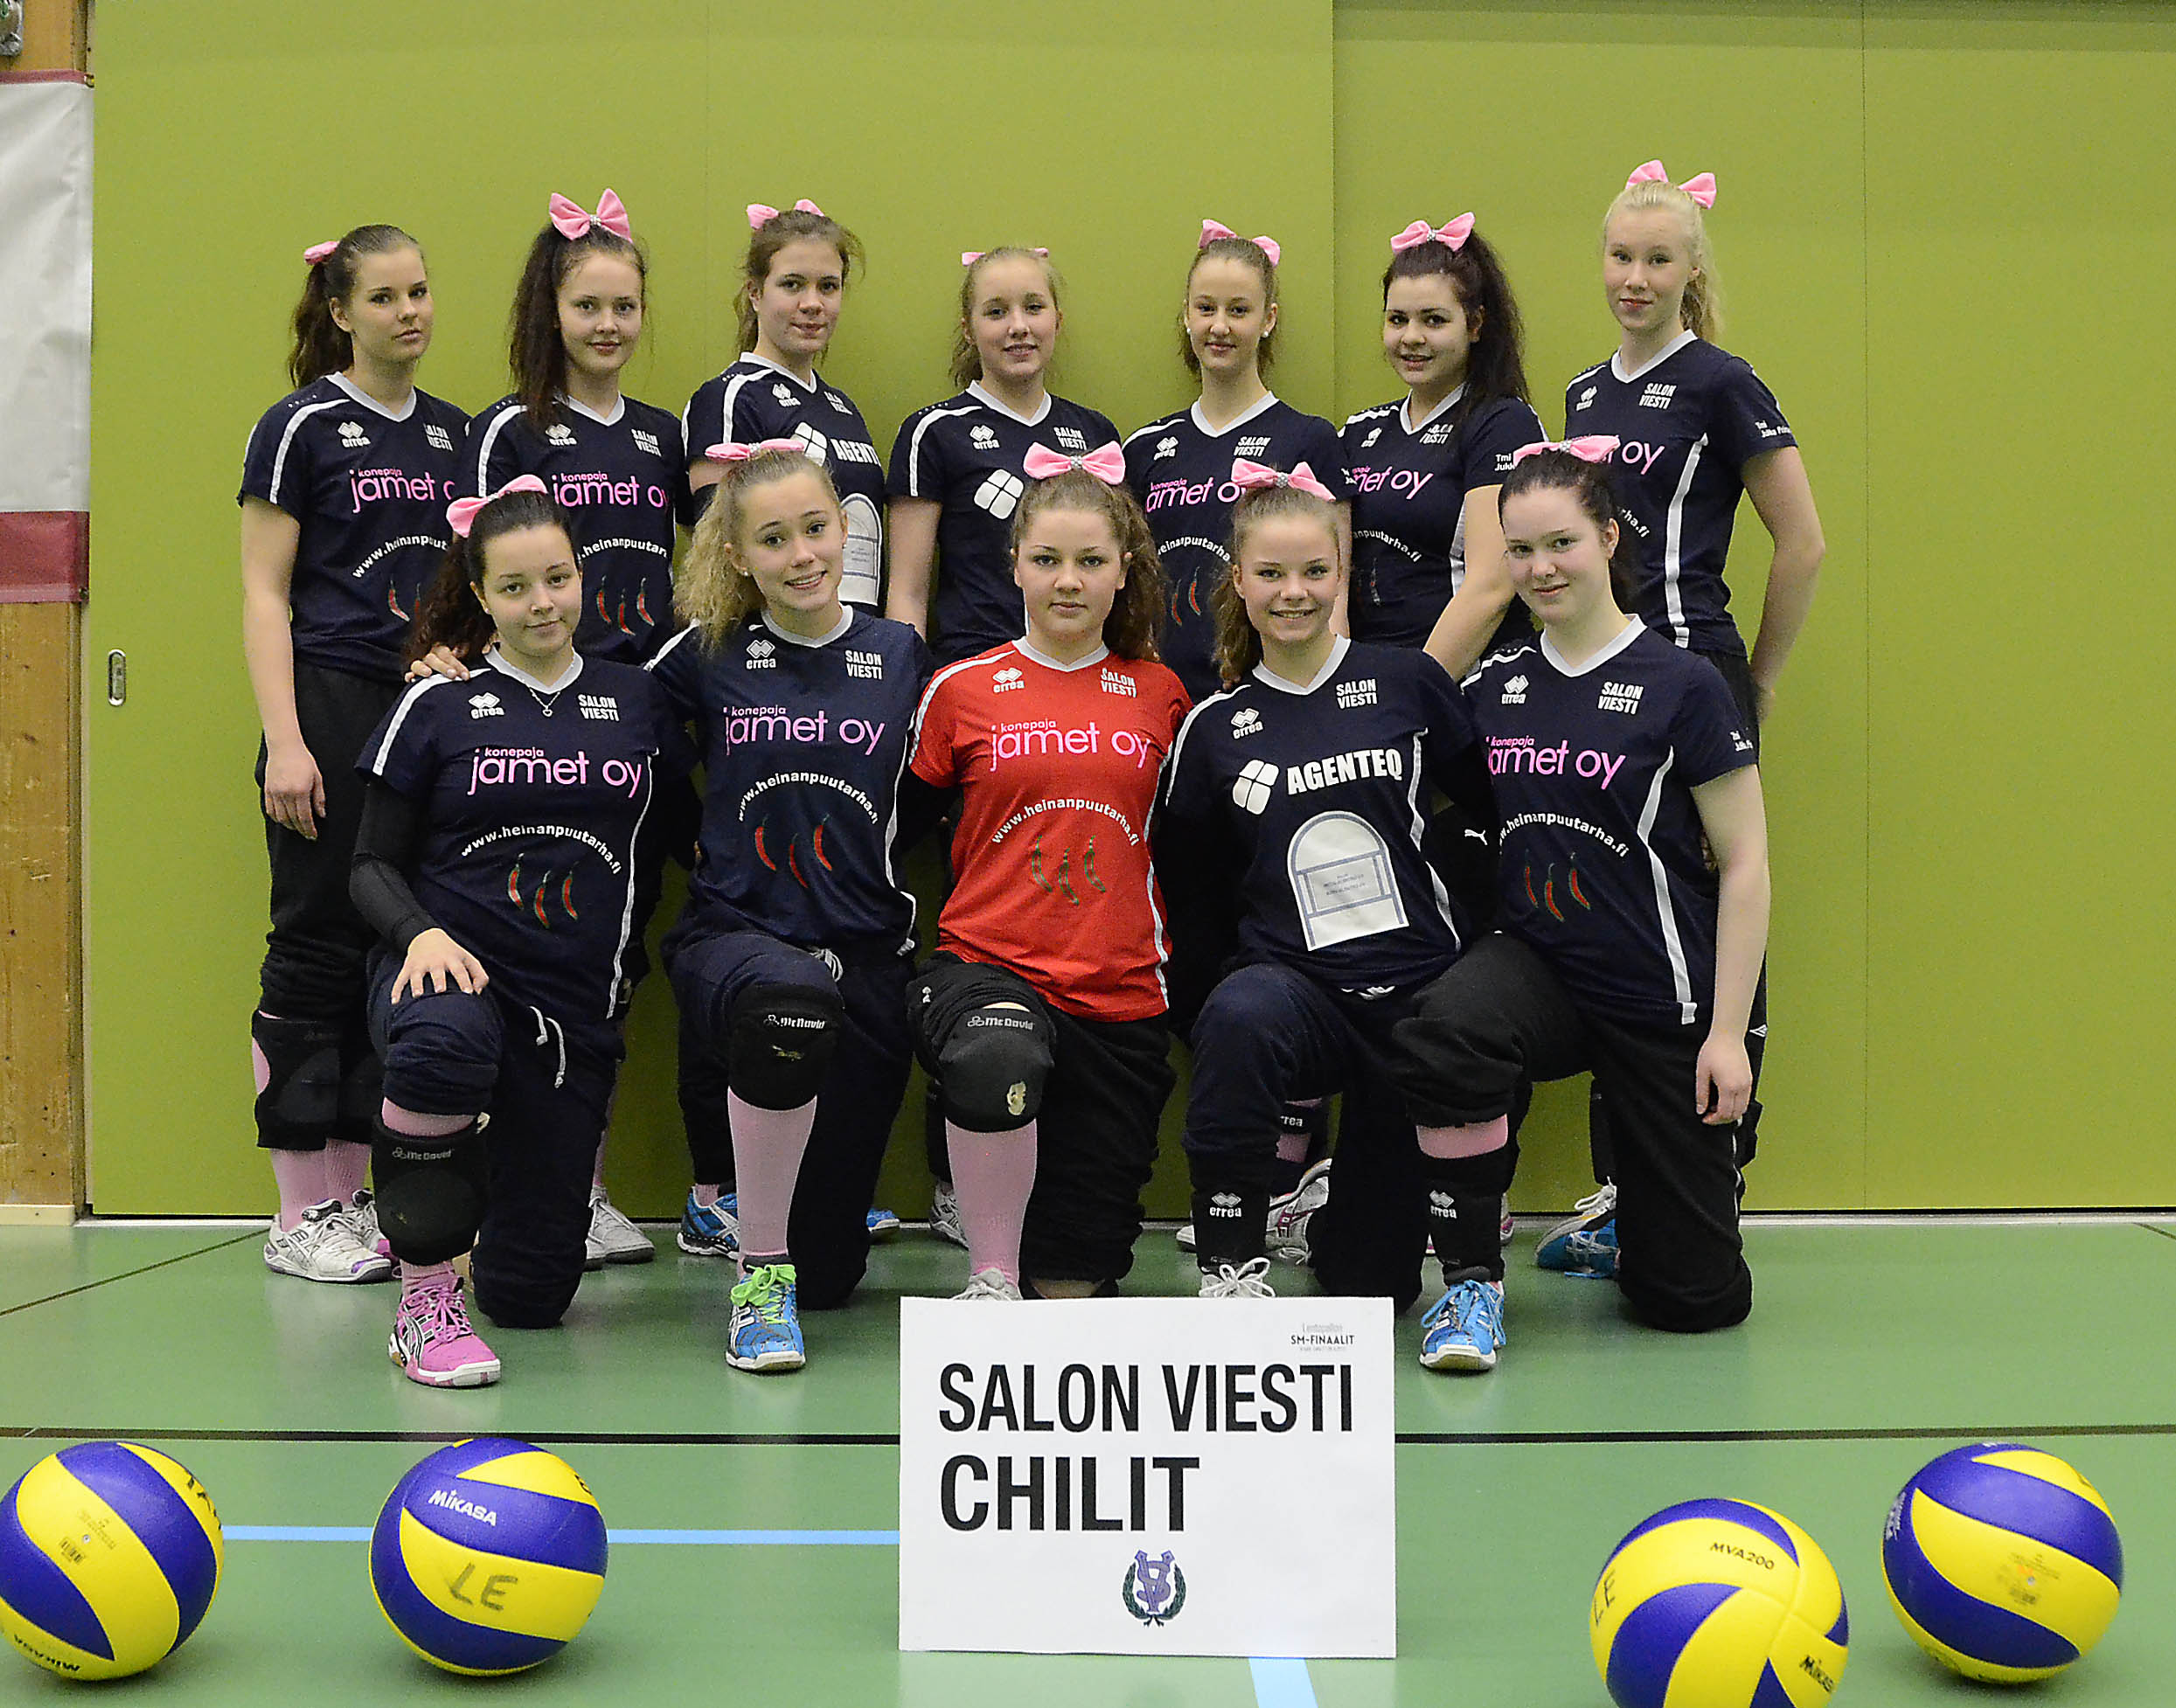 B-tyttöjen SM-finaalit, Joukkuekuvat 2013 | JUNNULENTIS.fi VALOKUVAGALLERIA